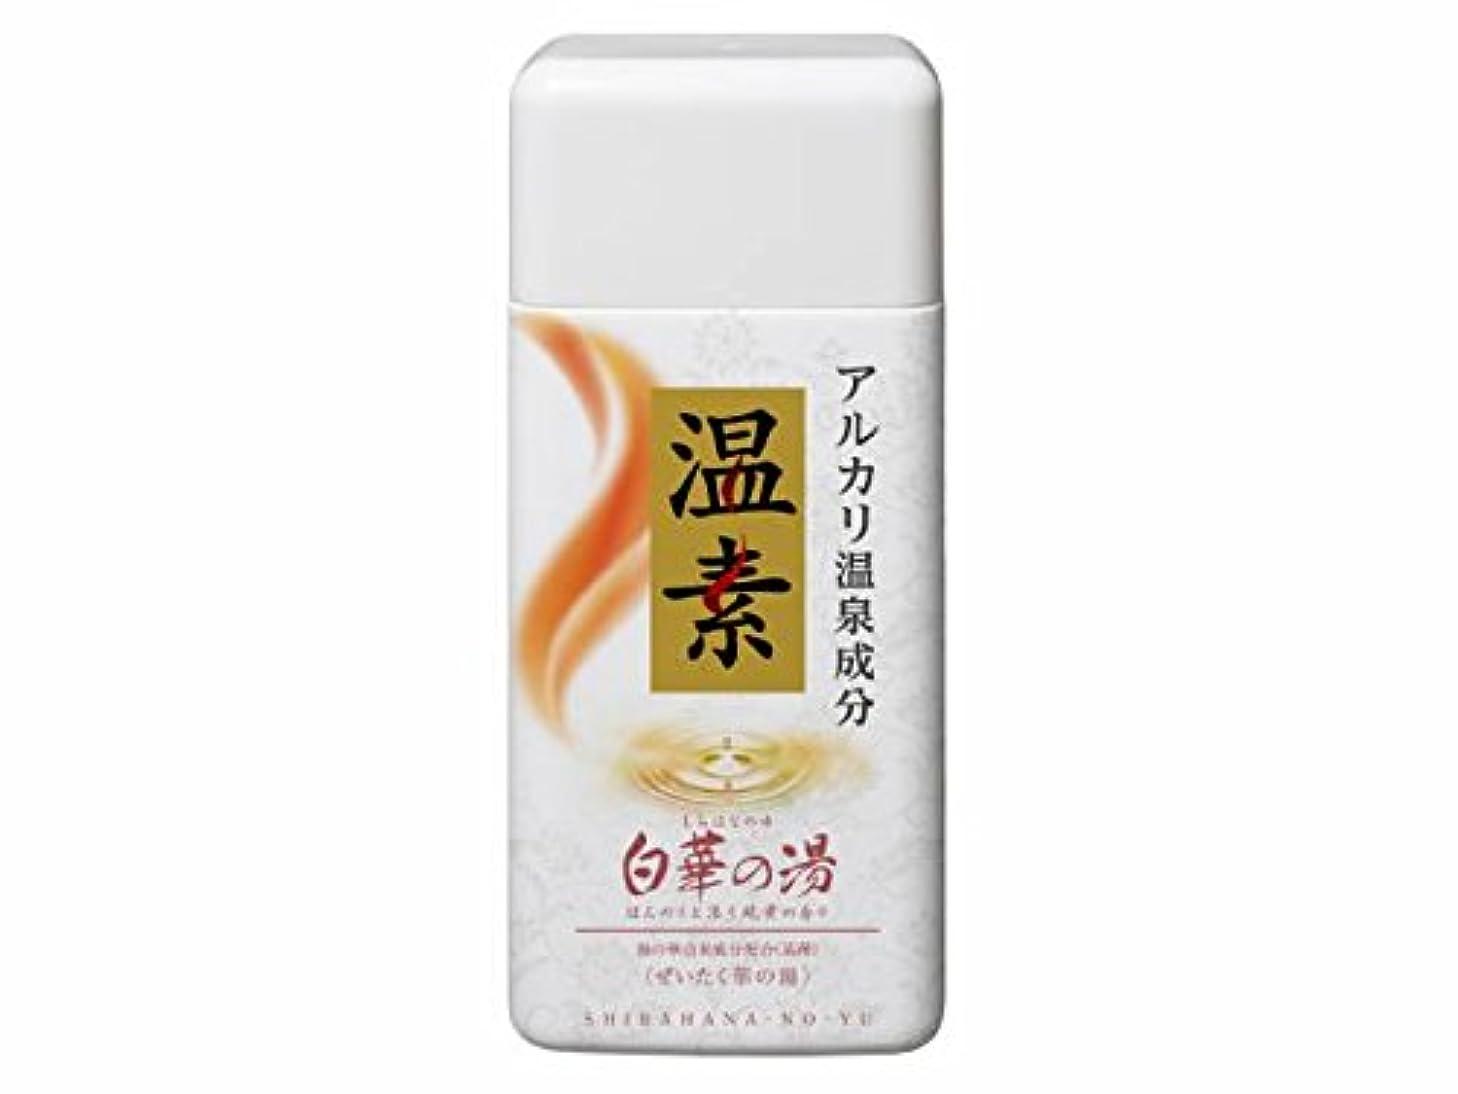 溝下着効率アース製薬 温素 白華の湯 600g×16点セット  医薬部外品 白く輝くなめらかな「硫黄の湯」の極上の湯ざわりを追求した入浴剤